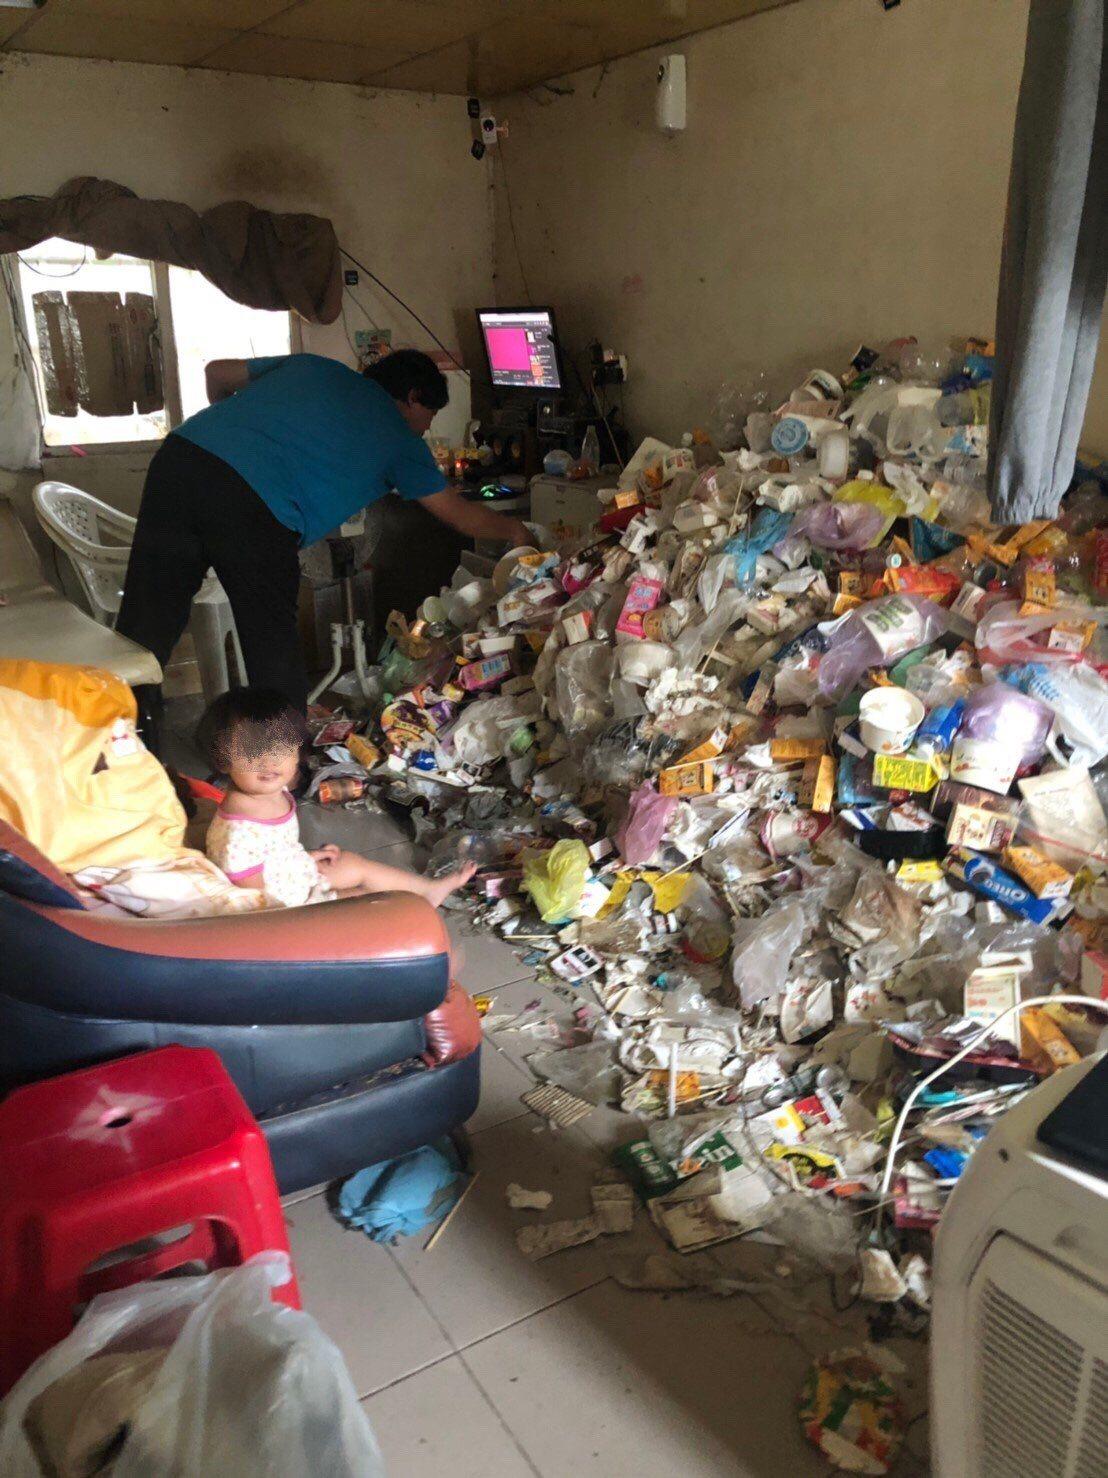 屏東海青青弘會日前訪視萬丹鄉灣內村一戶人家,發現屋滿是食用後的餐盒、使用過的尿布...